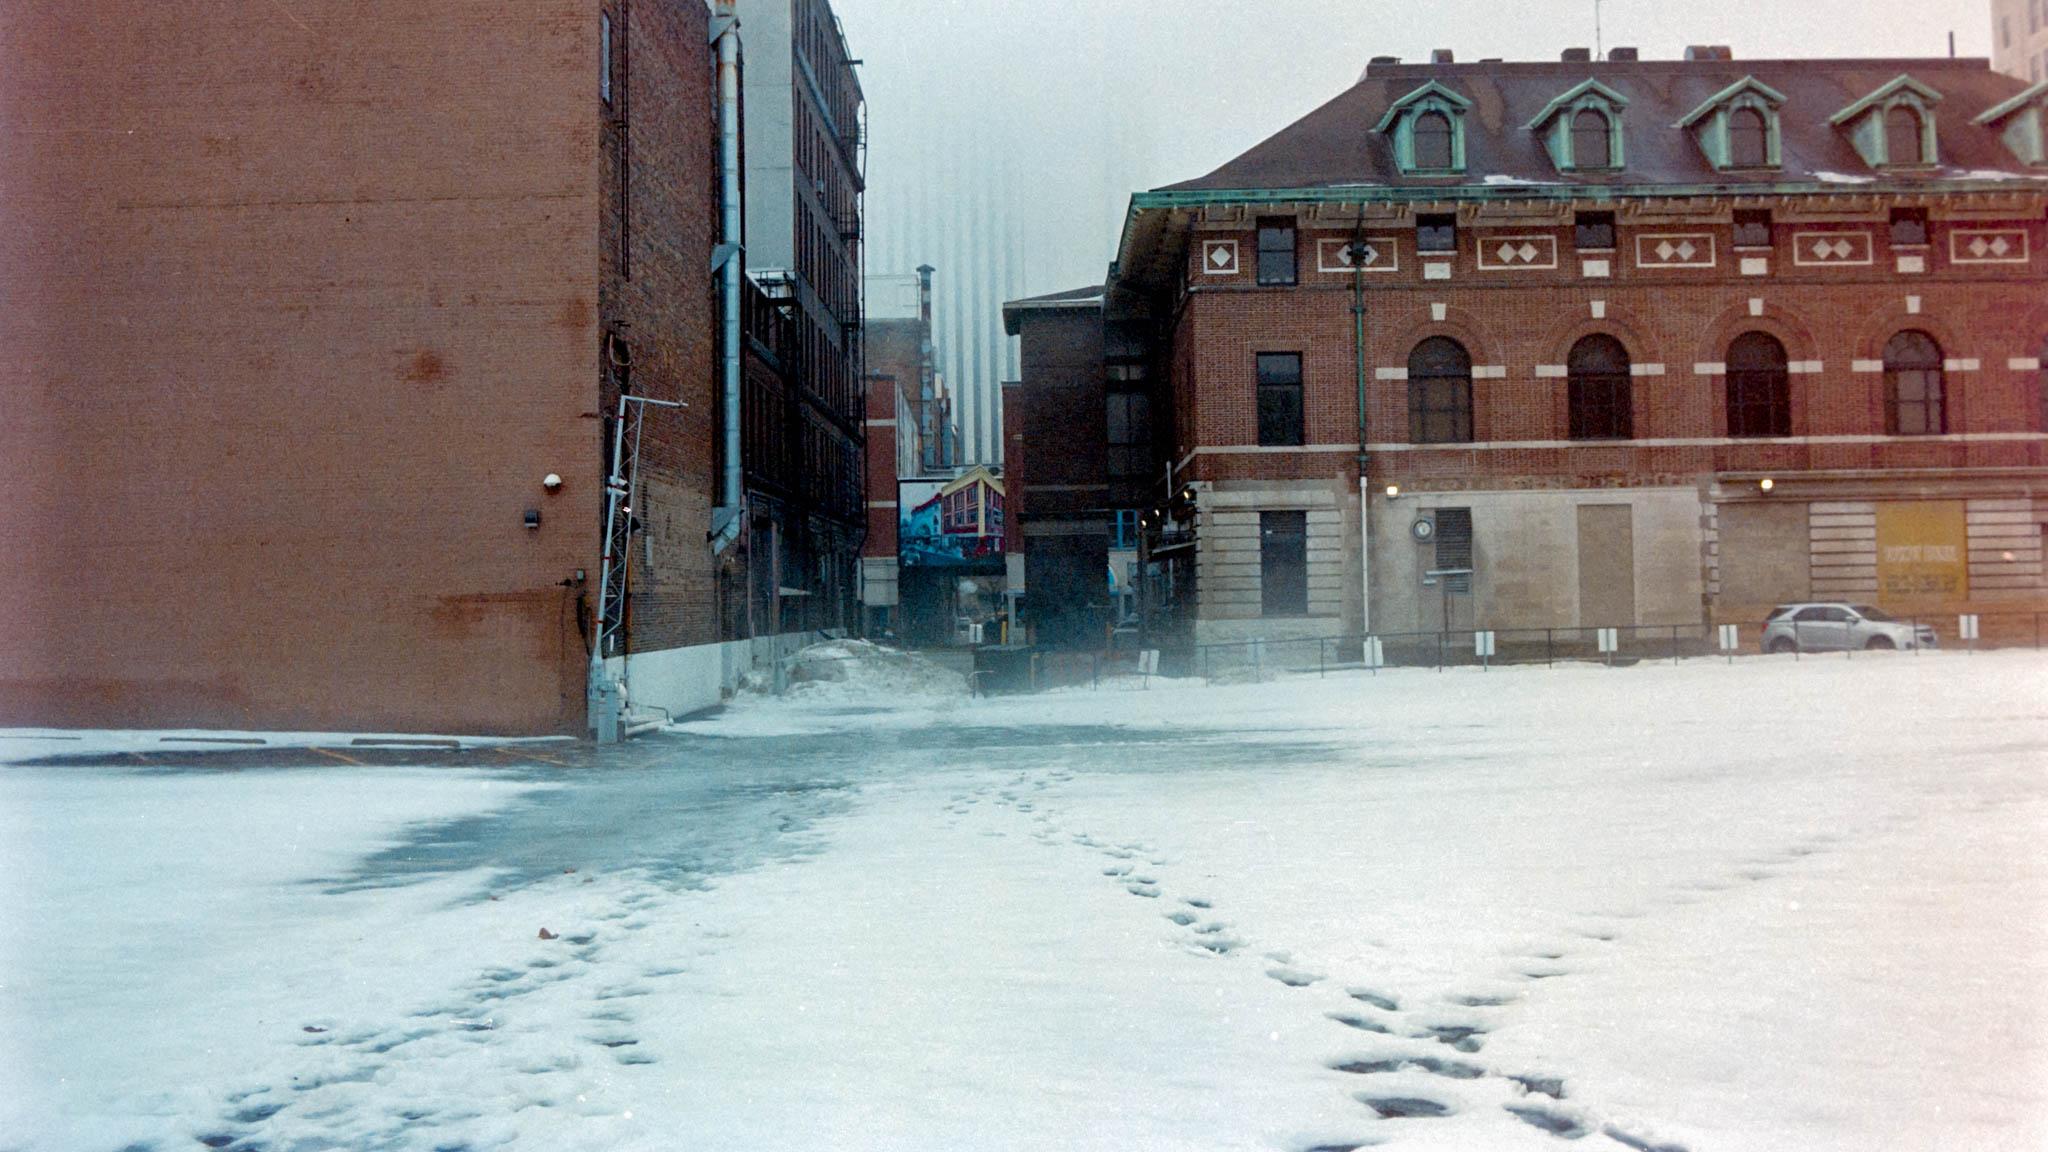 Downtown Cedar Rapids on a foggy winter day. Camera: Nikon N2020 with Fujifilm Superia 400